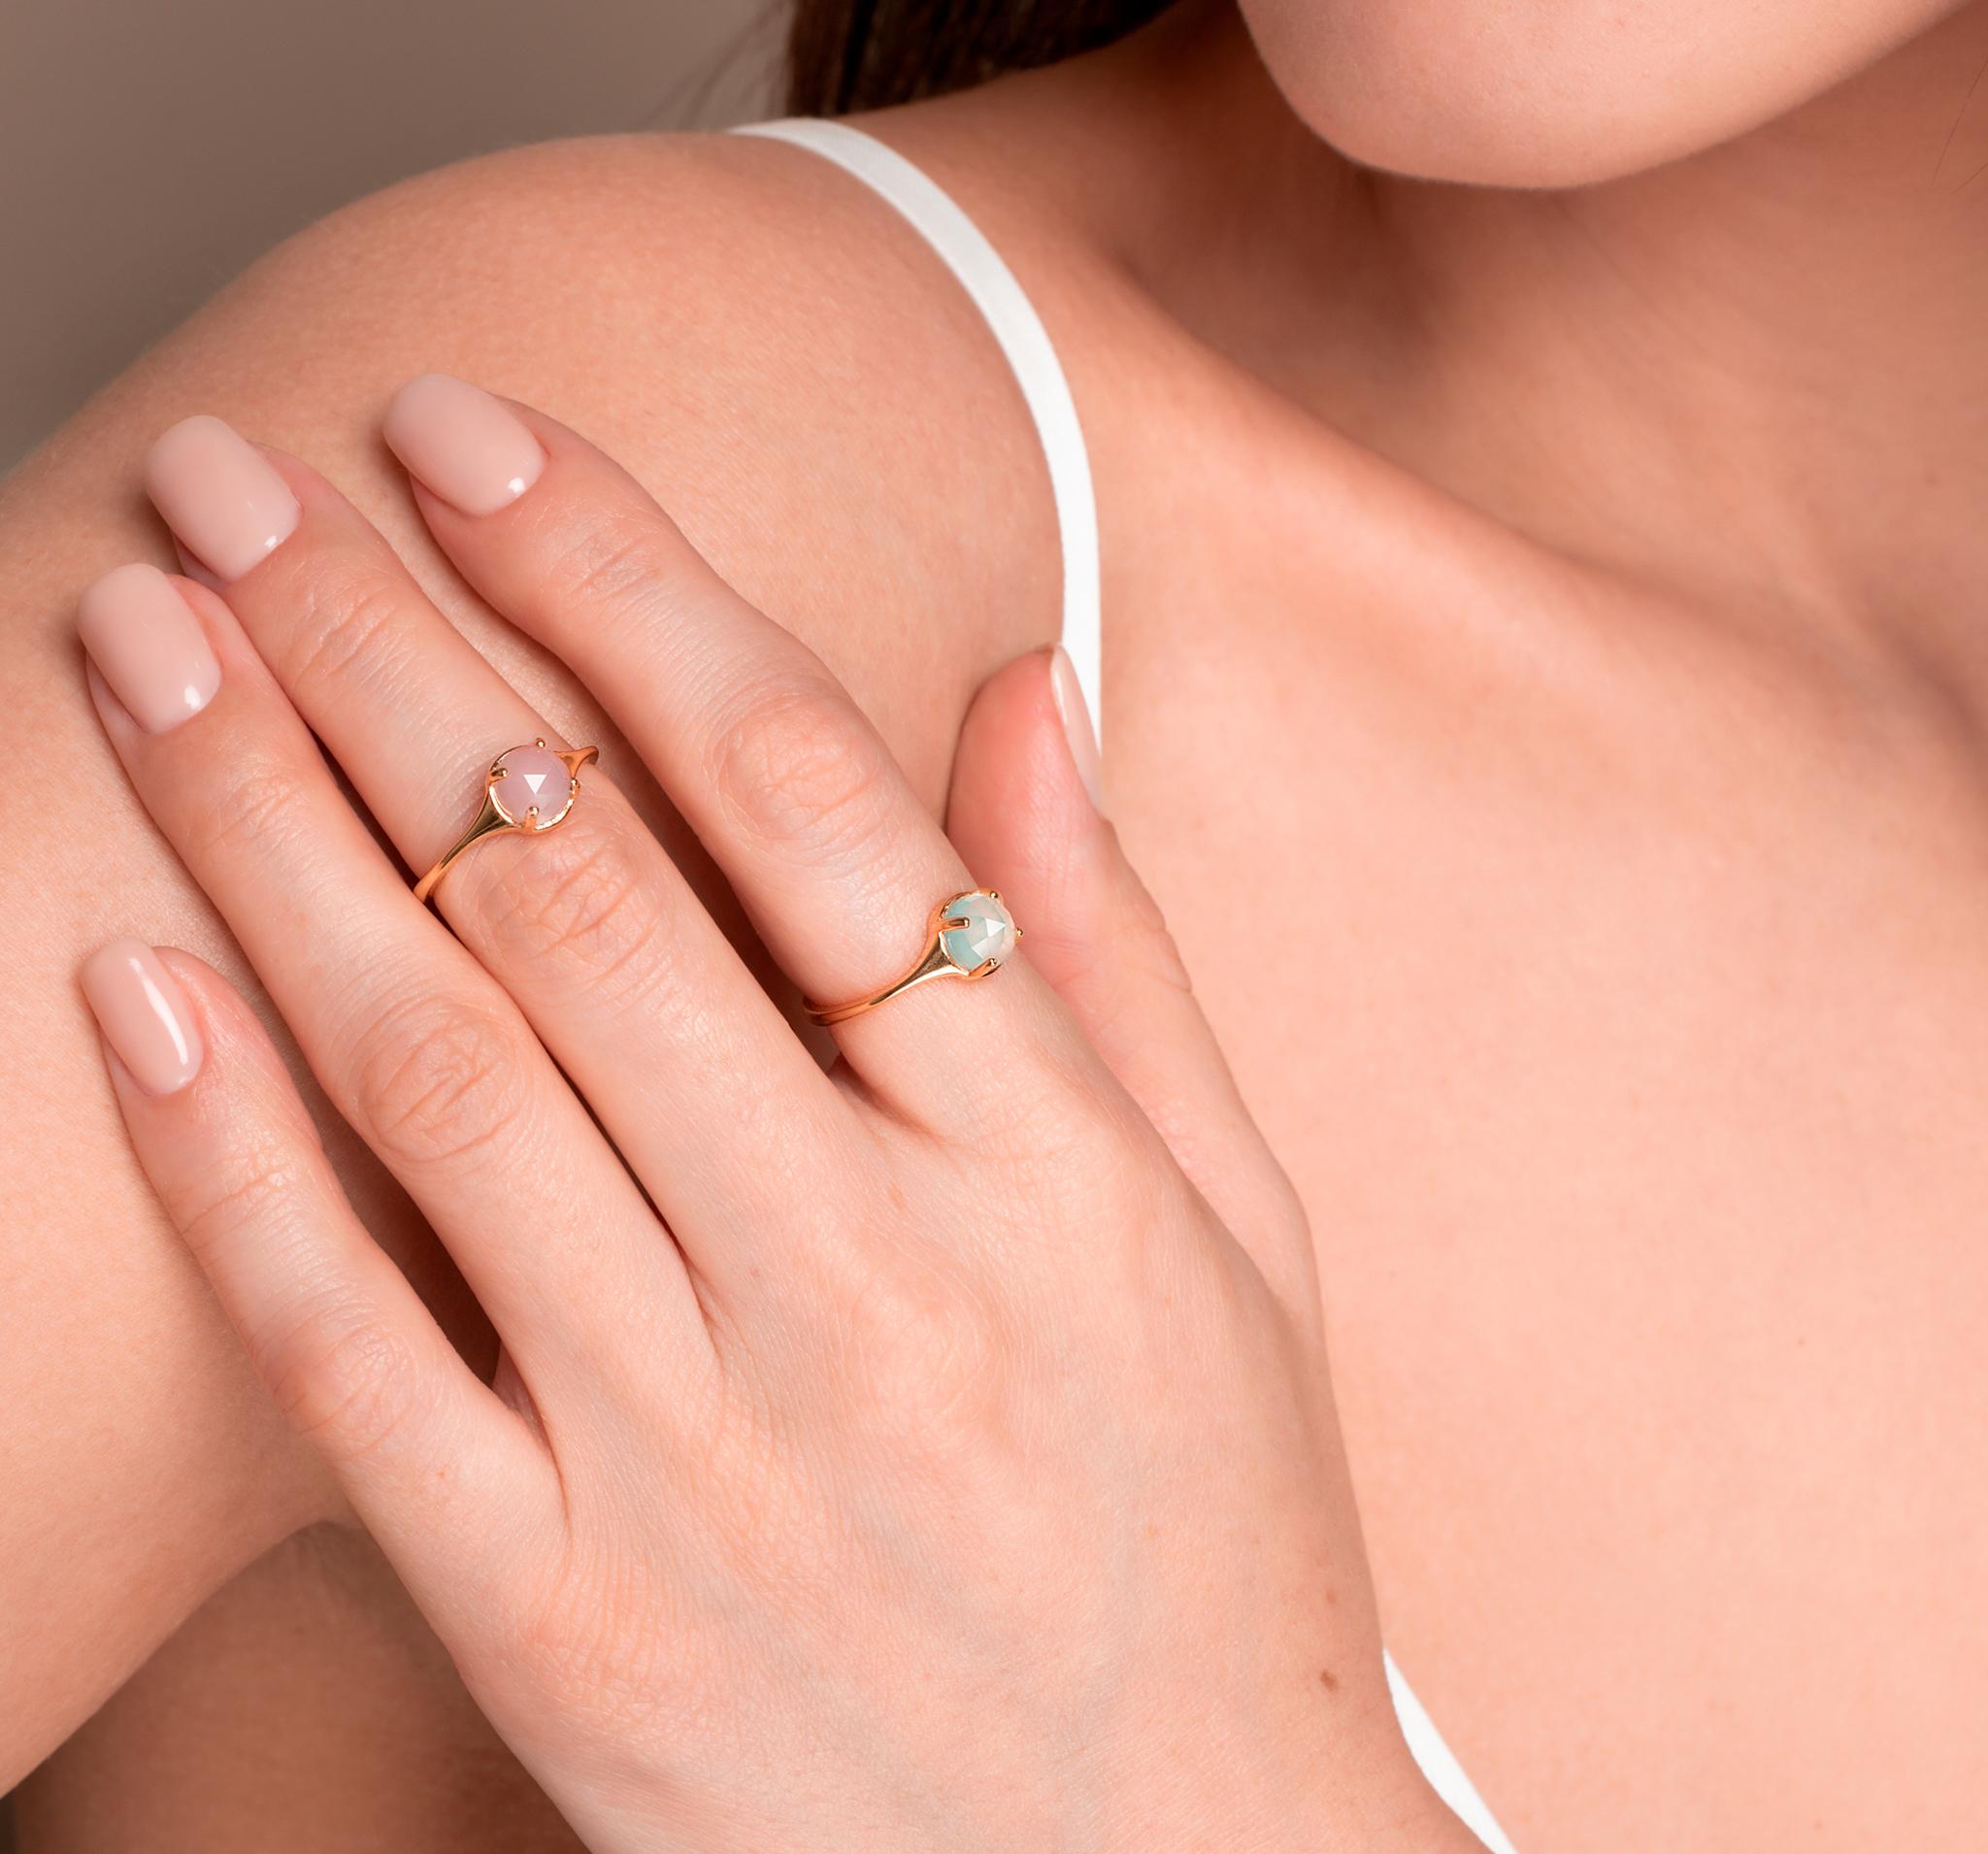 Нежное позолоченное кольцо из серебра с голубым халцедоном